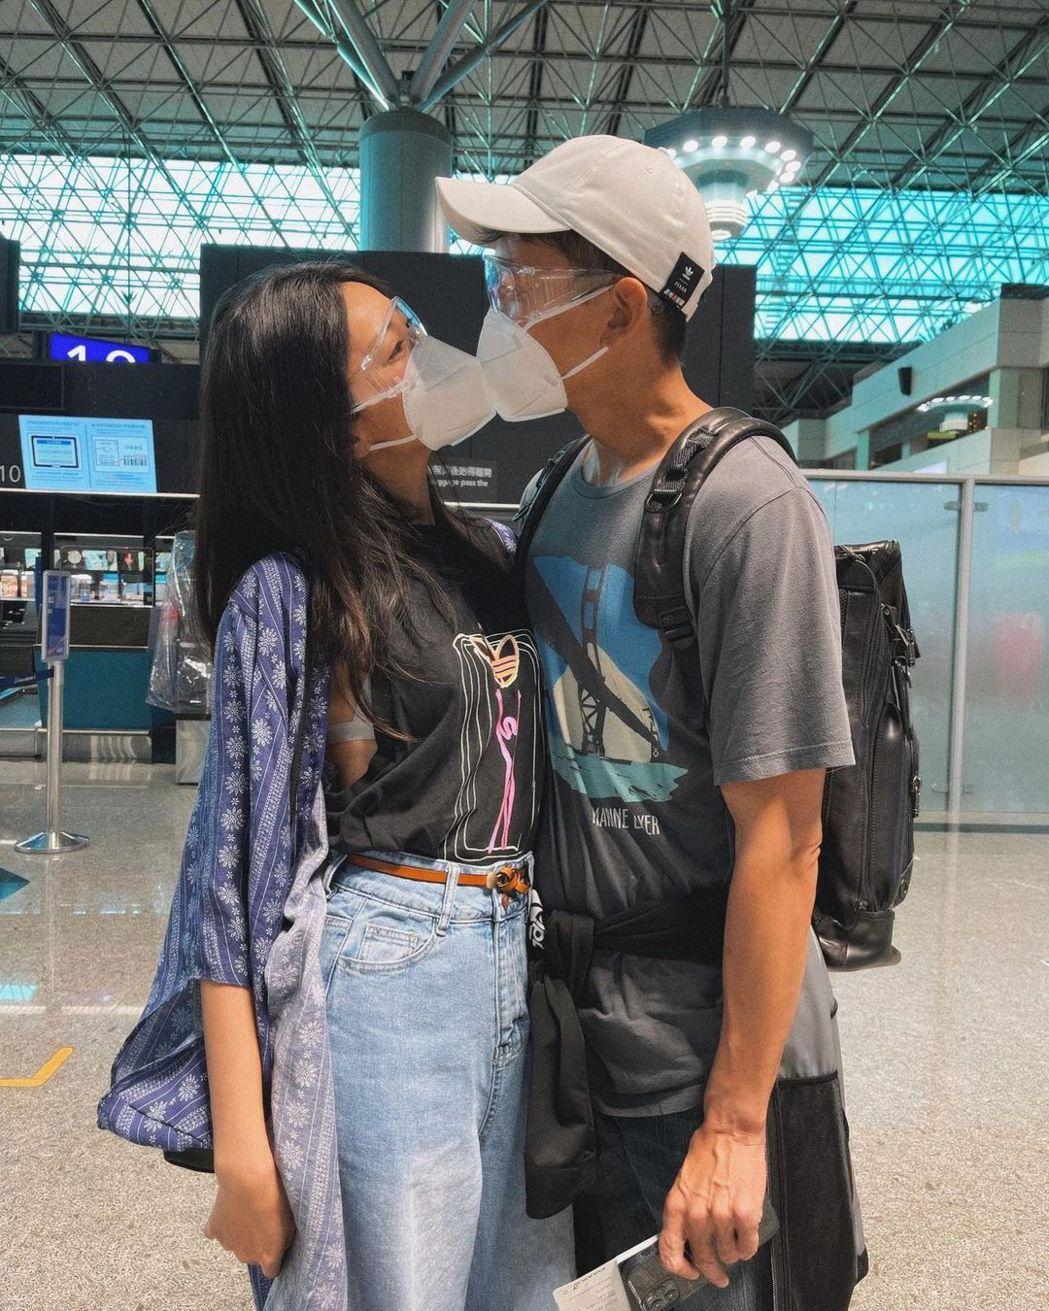 隋棠與老公在機場隔罩吻別。 圖/擷自IG